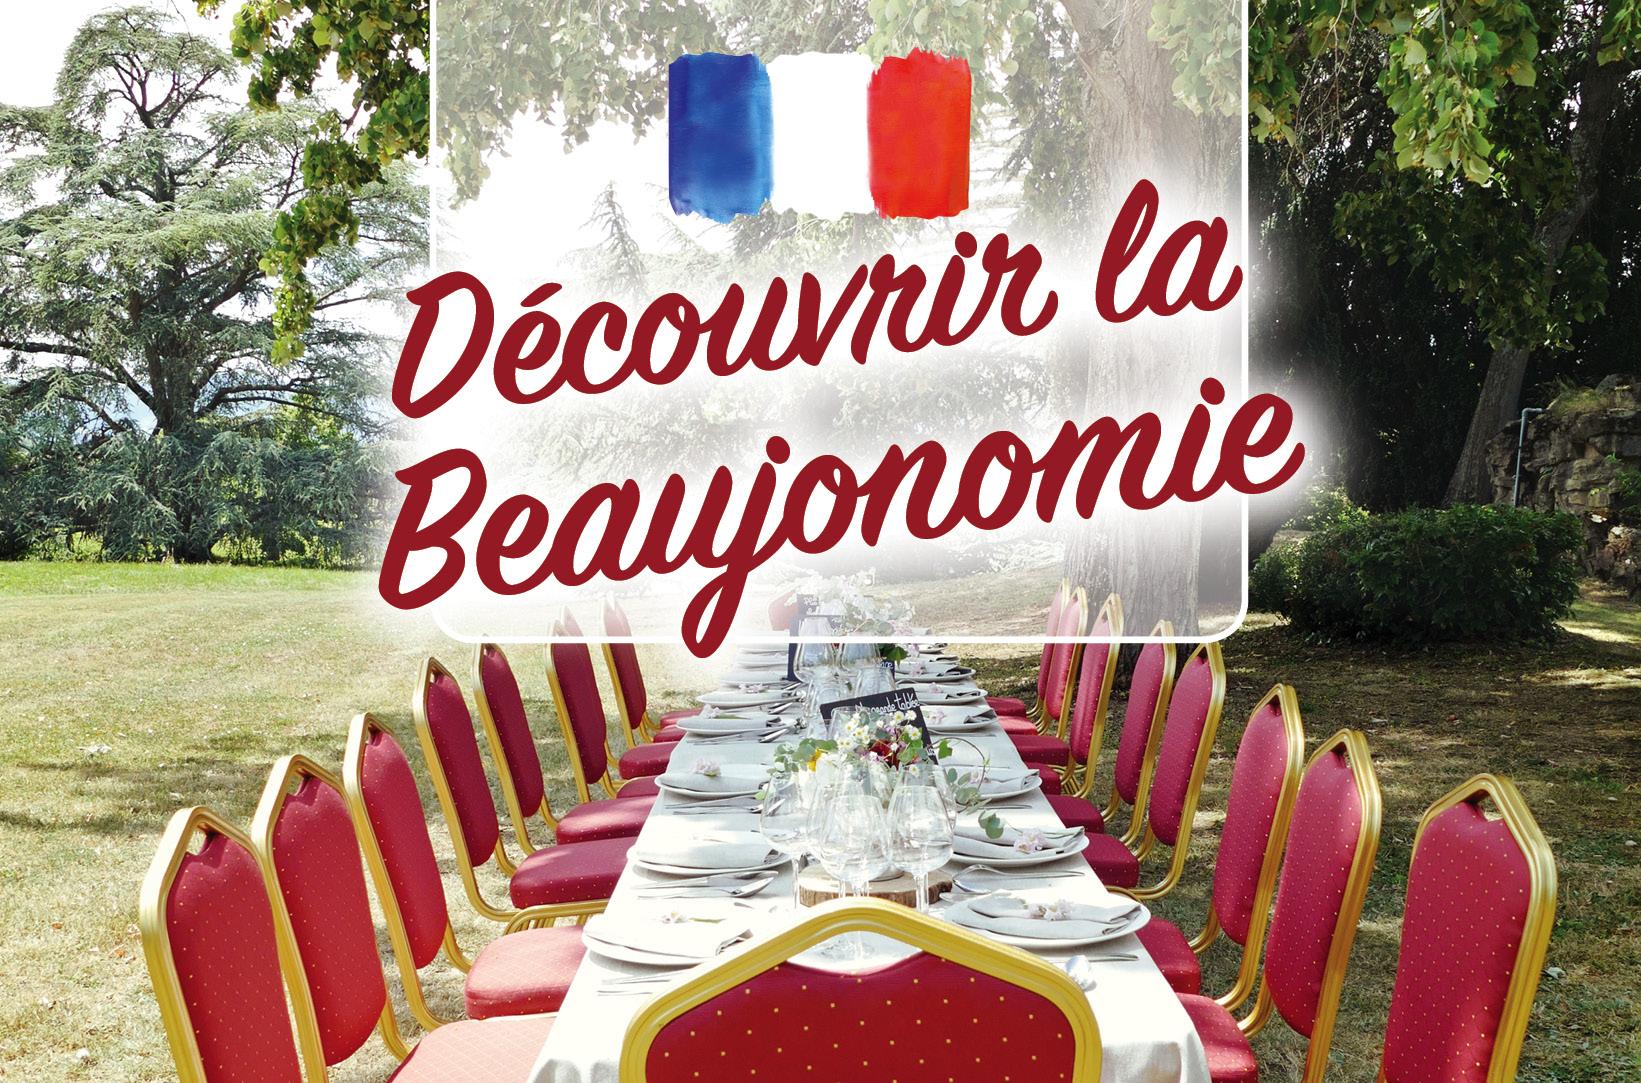 Bienvenue en Beaujonomie. Repas gastronomique avec des vins Beaujolais de caractère